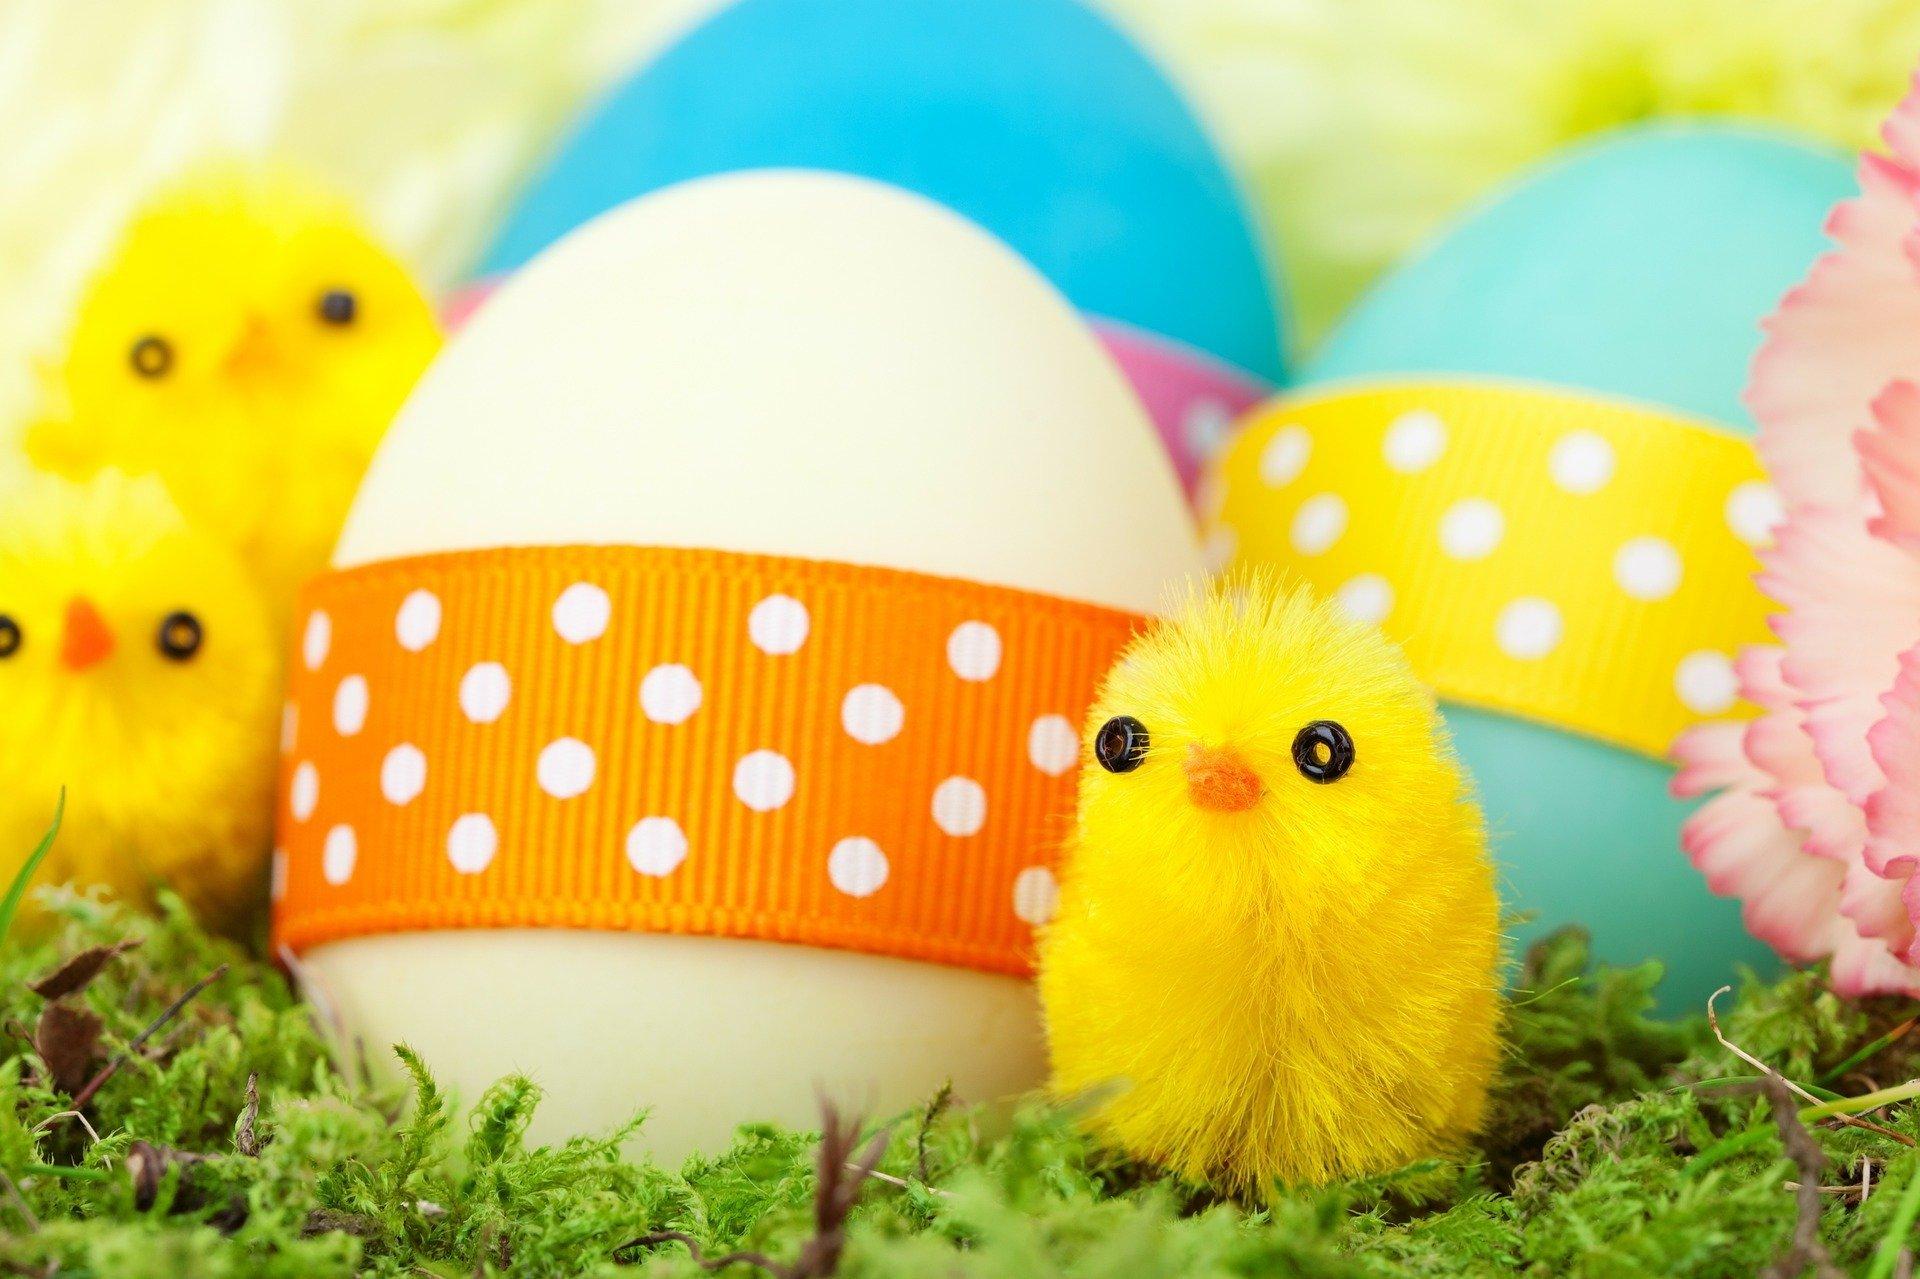 Wielkanoc życzenia dla dzieci, teksty życzeń świątecznych, wiersze i piosenki wielkanocne